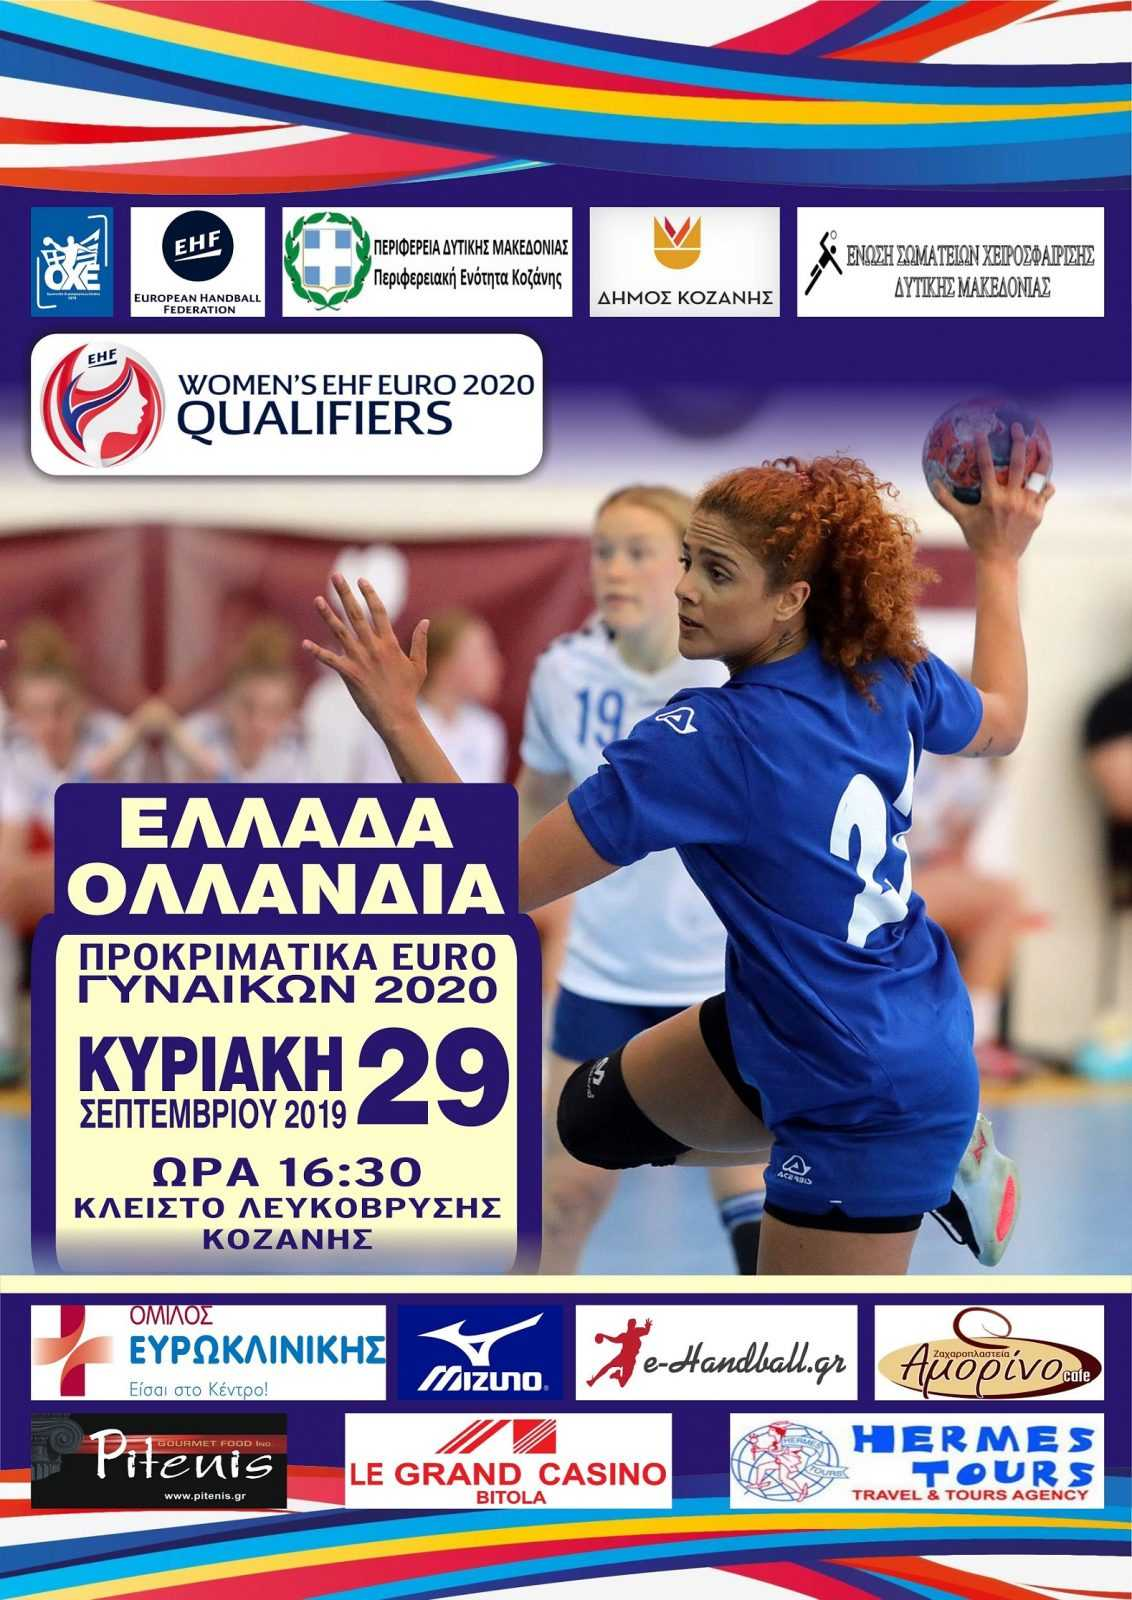 Αγώνας Χειροσφαίρισης Ελλάδος - Ολλανδίας την Κυριακή 29/9 στο ΔΑΚ Λευκόβρυσης